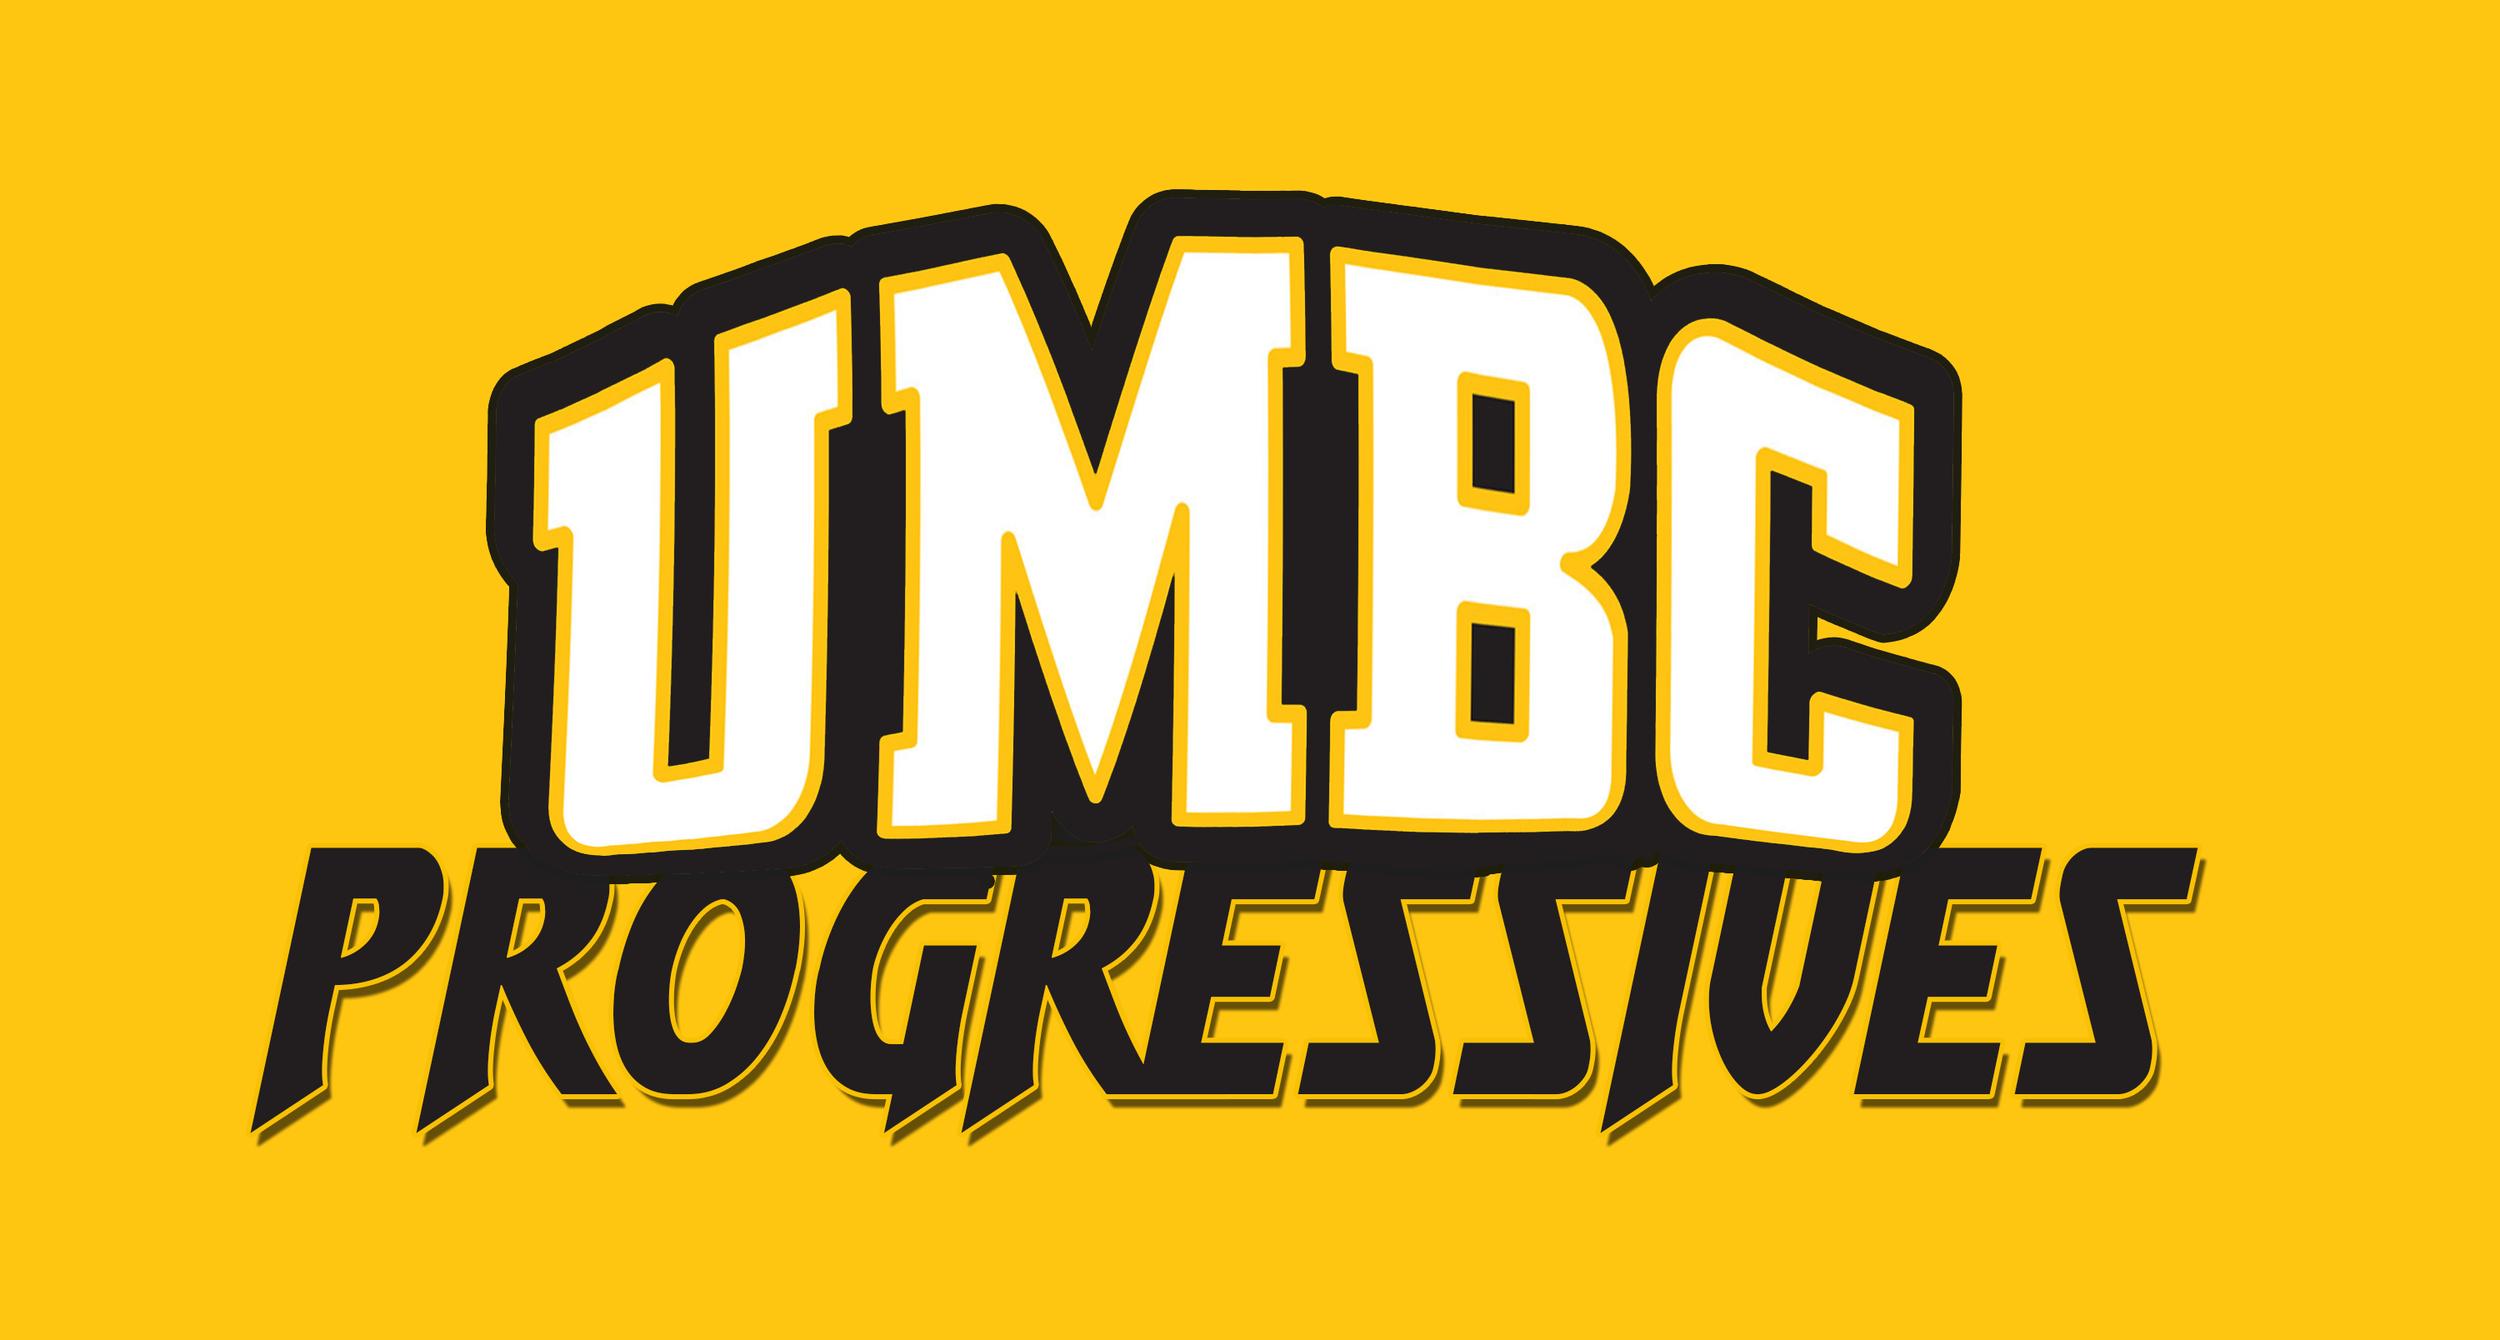 UMBCprogressiveslogo.png